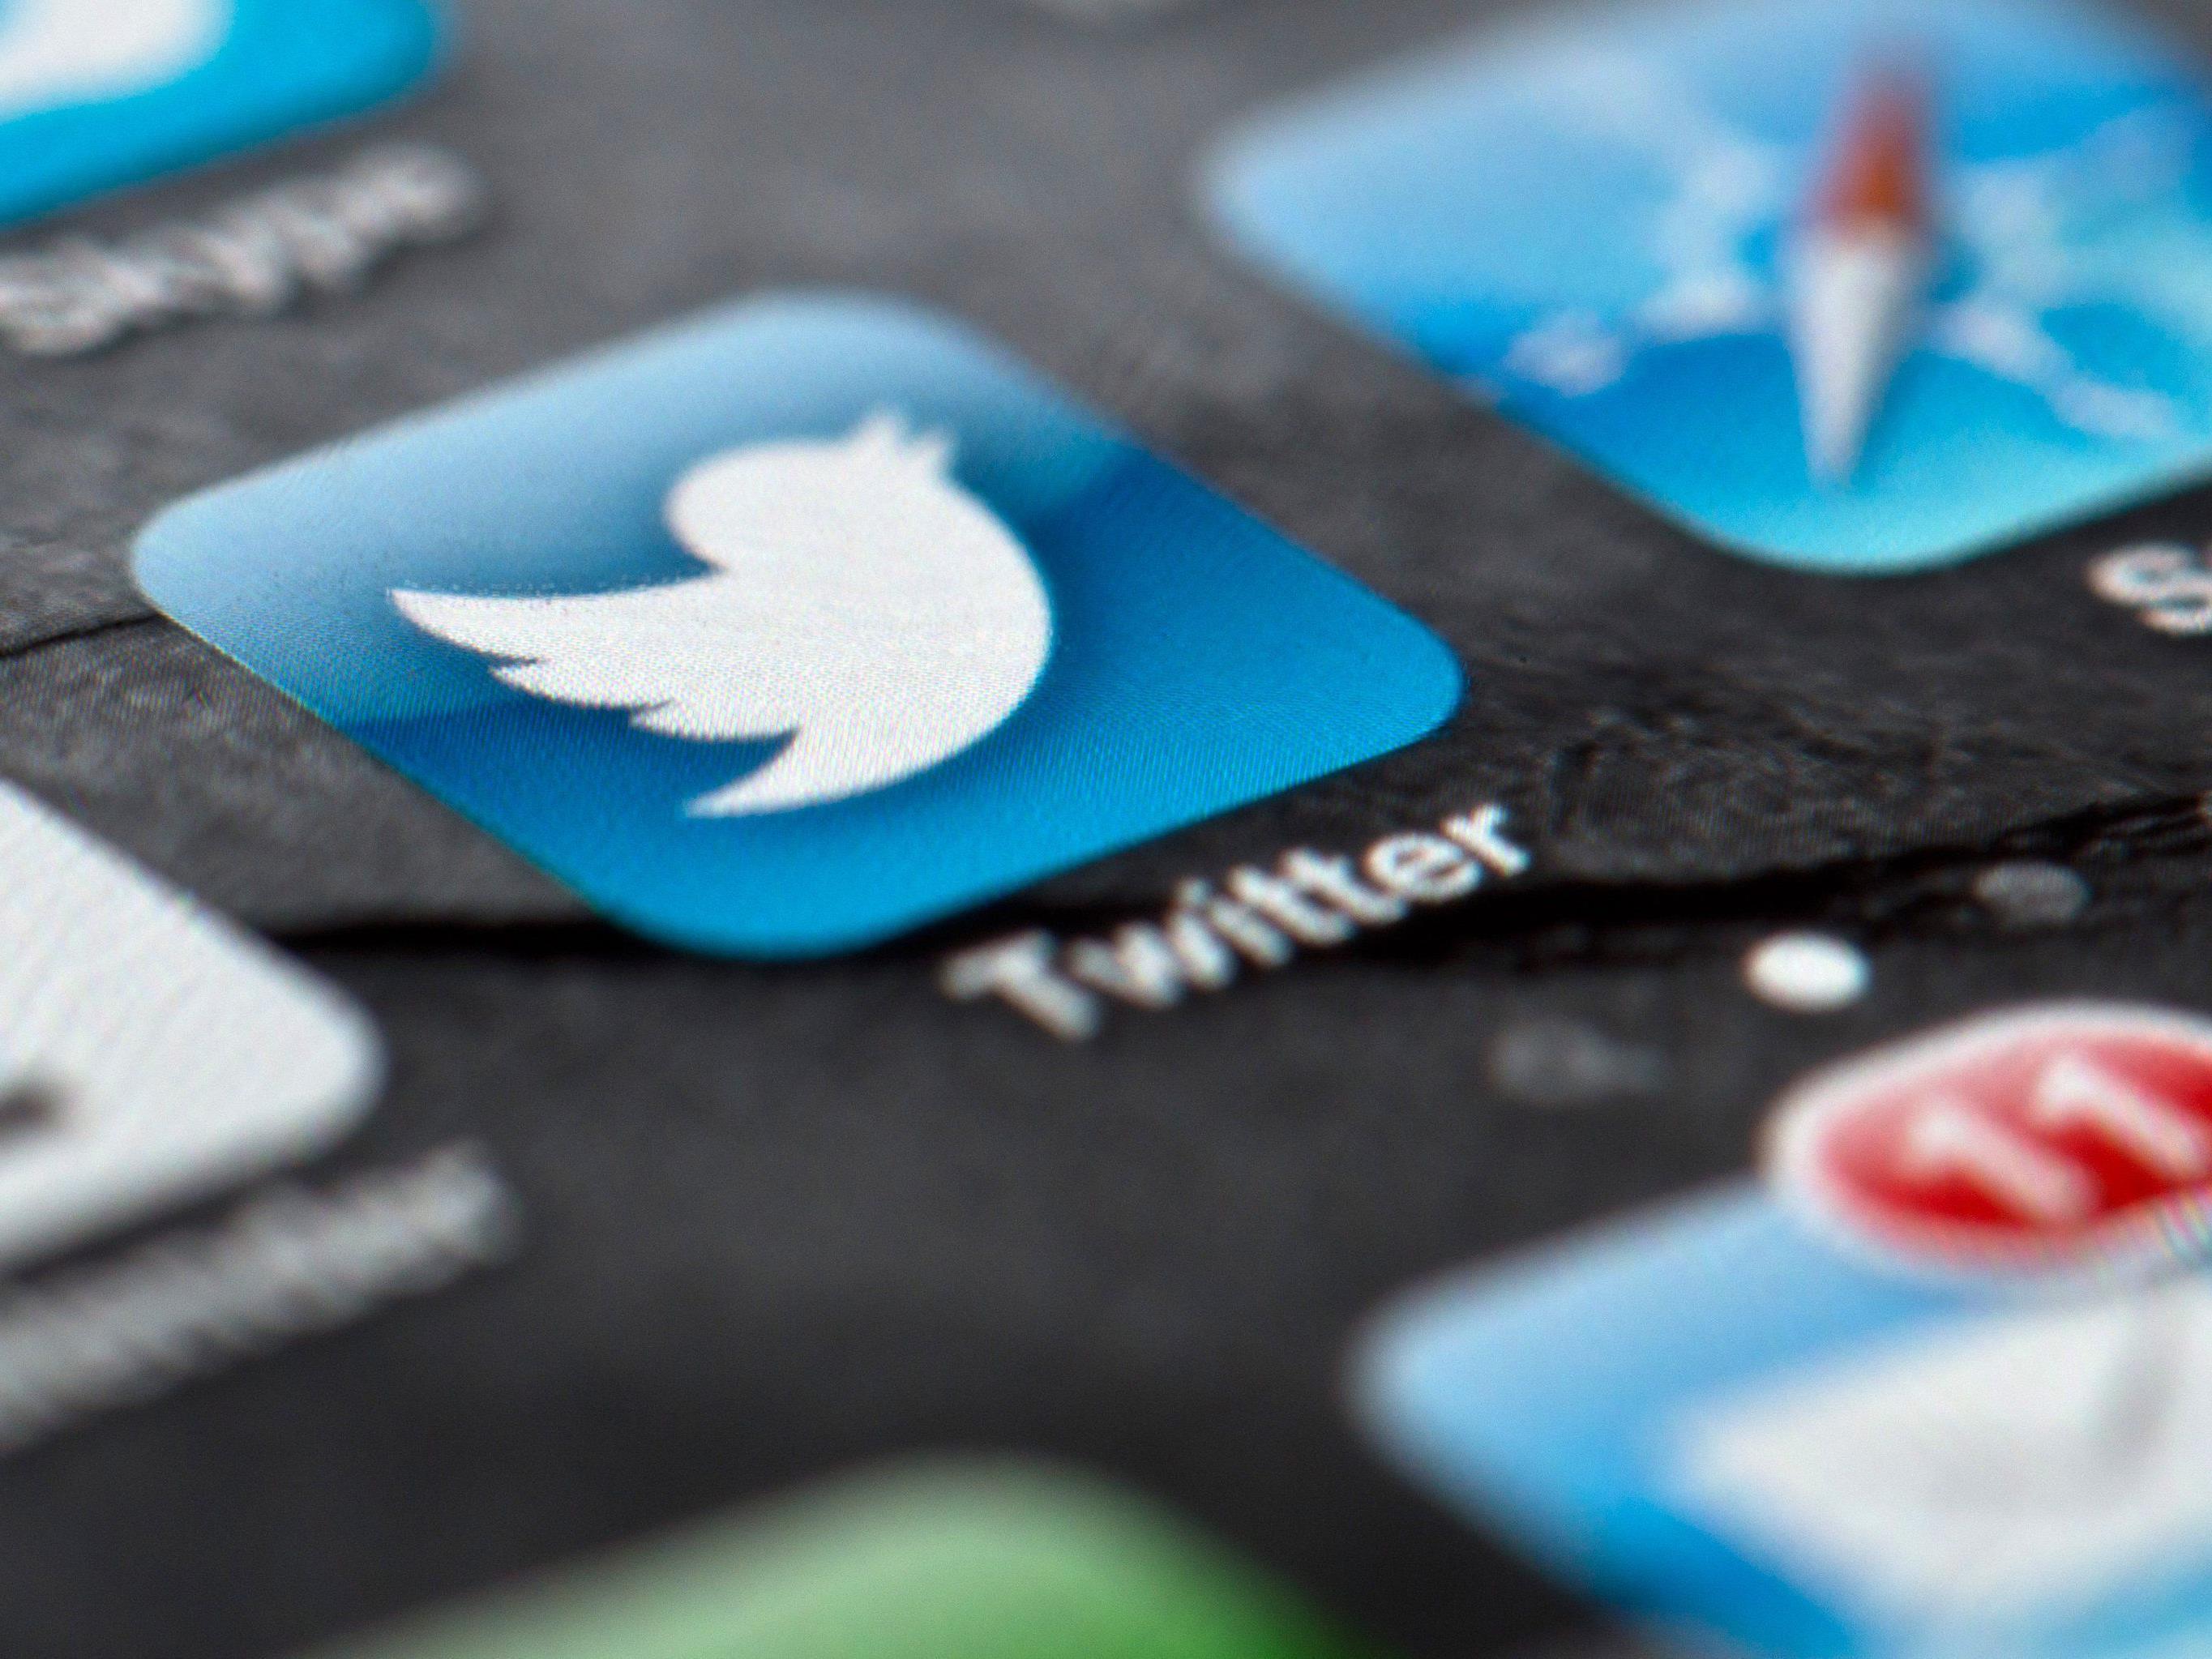 Twitter-Nutzer können ab sofort in den privaten Mitteilungen auch Fotos verschicken.